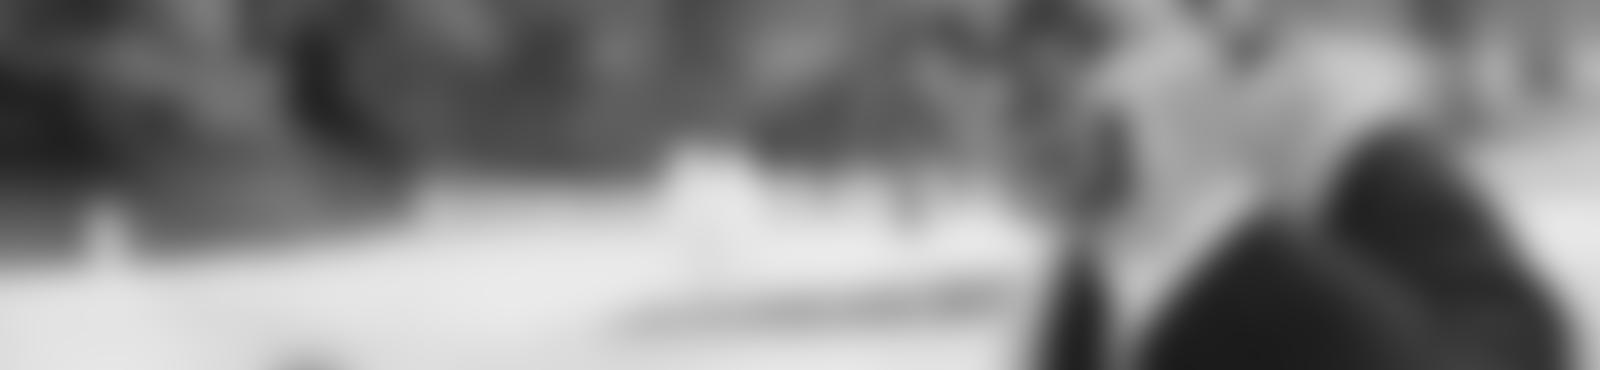 Blurred 5b667eae 9aea 47d6 96ae bff1bf5ec676